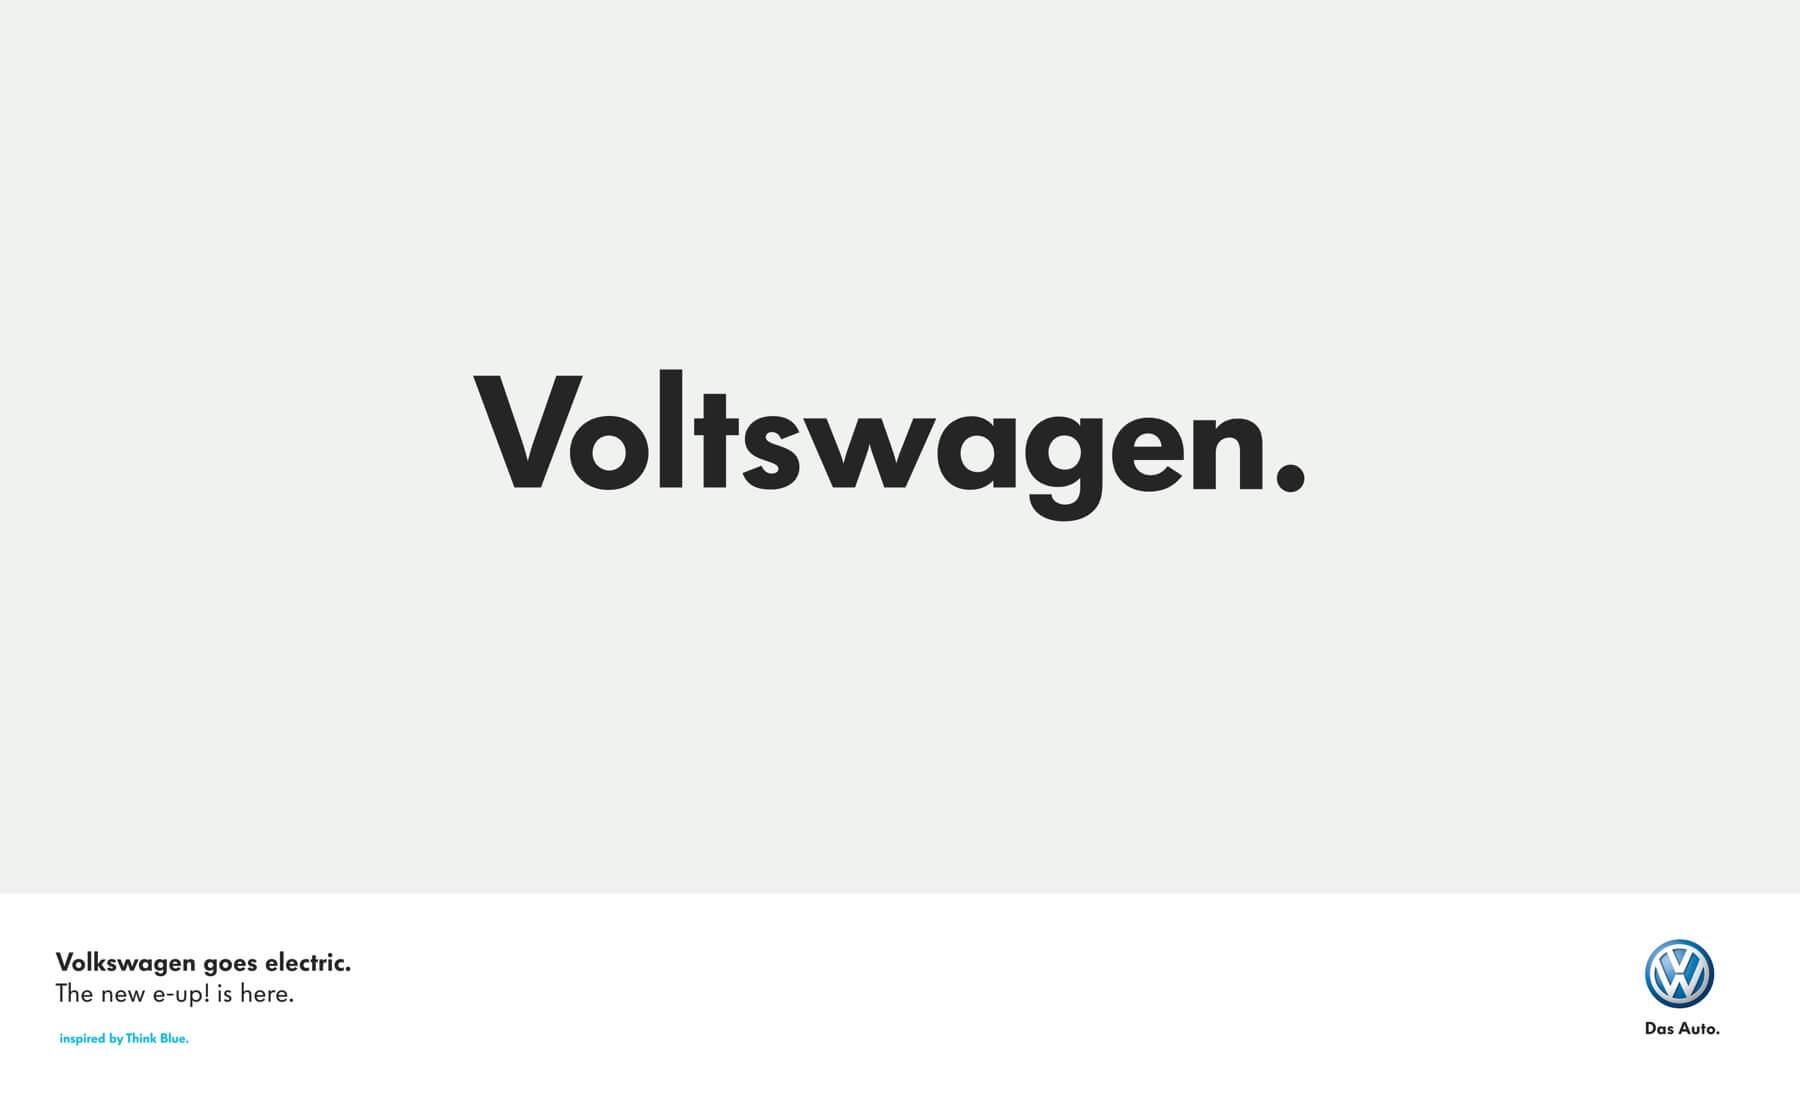 Con ustedes el nuevo: ¡Voltswagen!